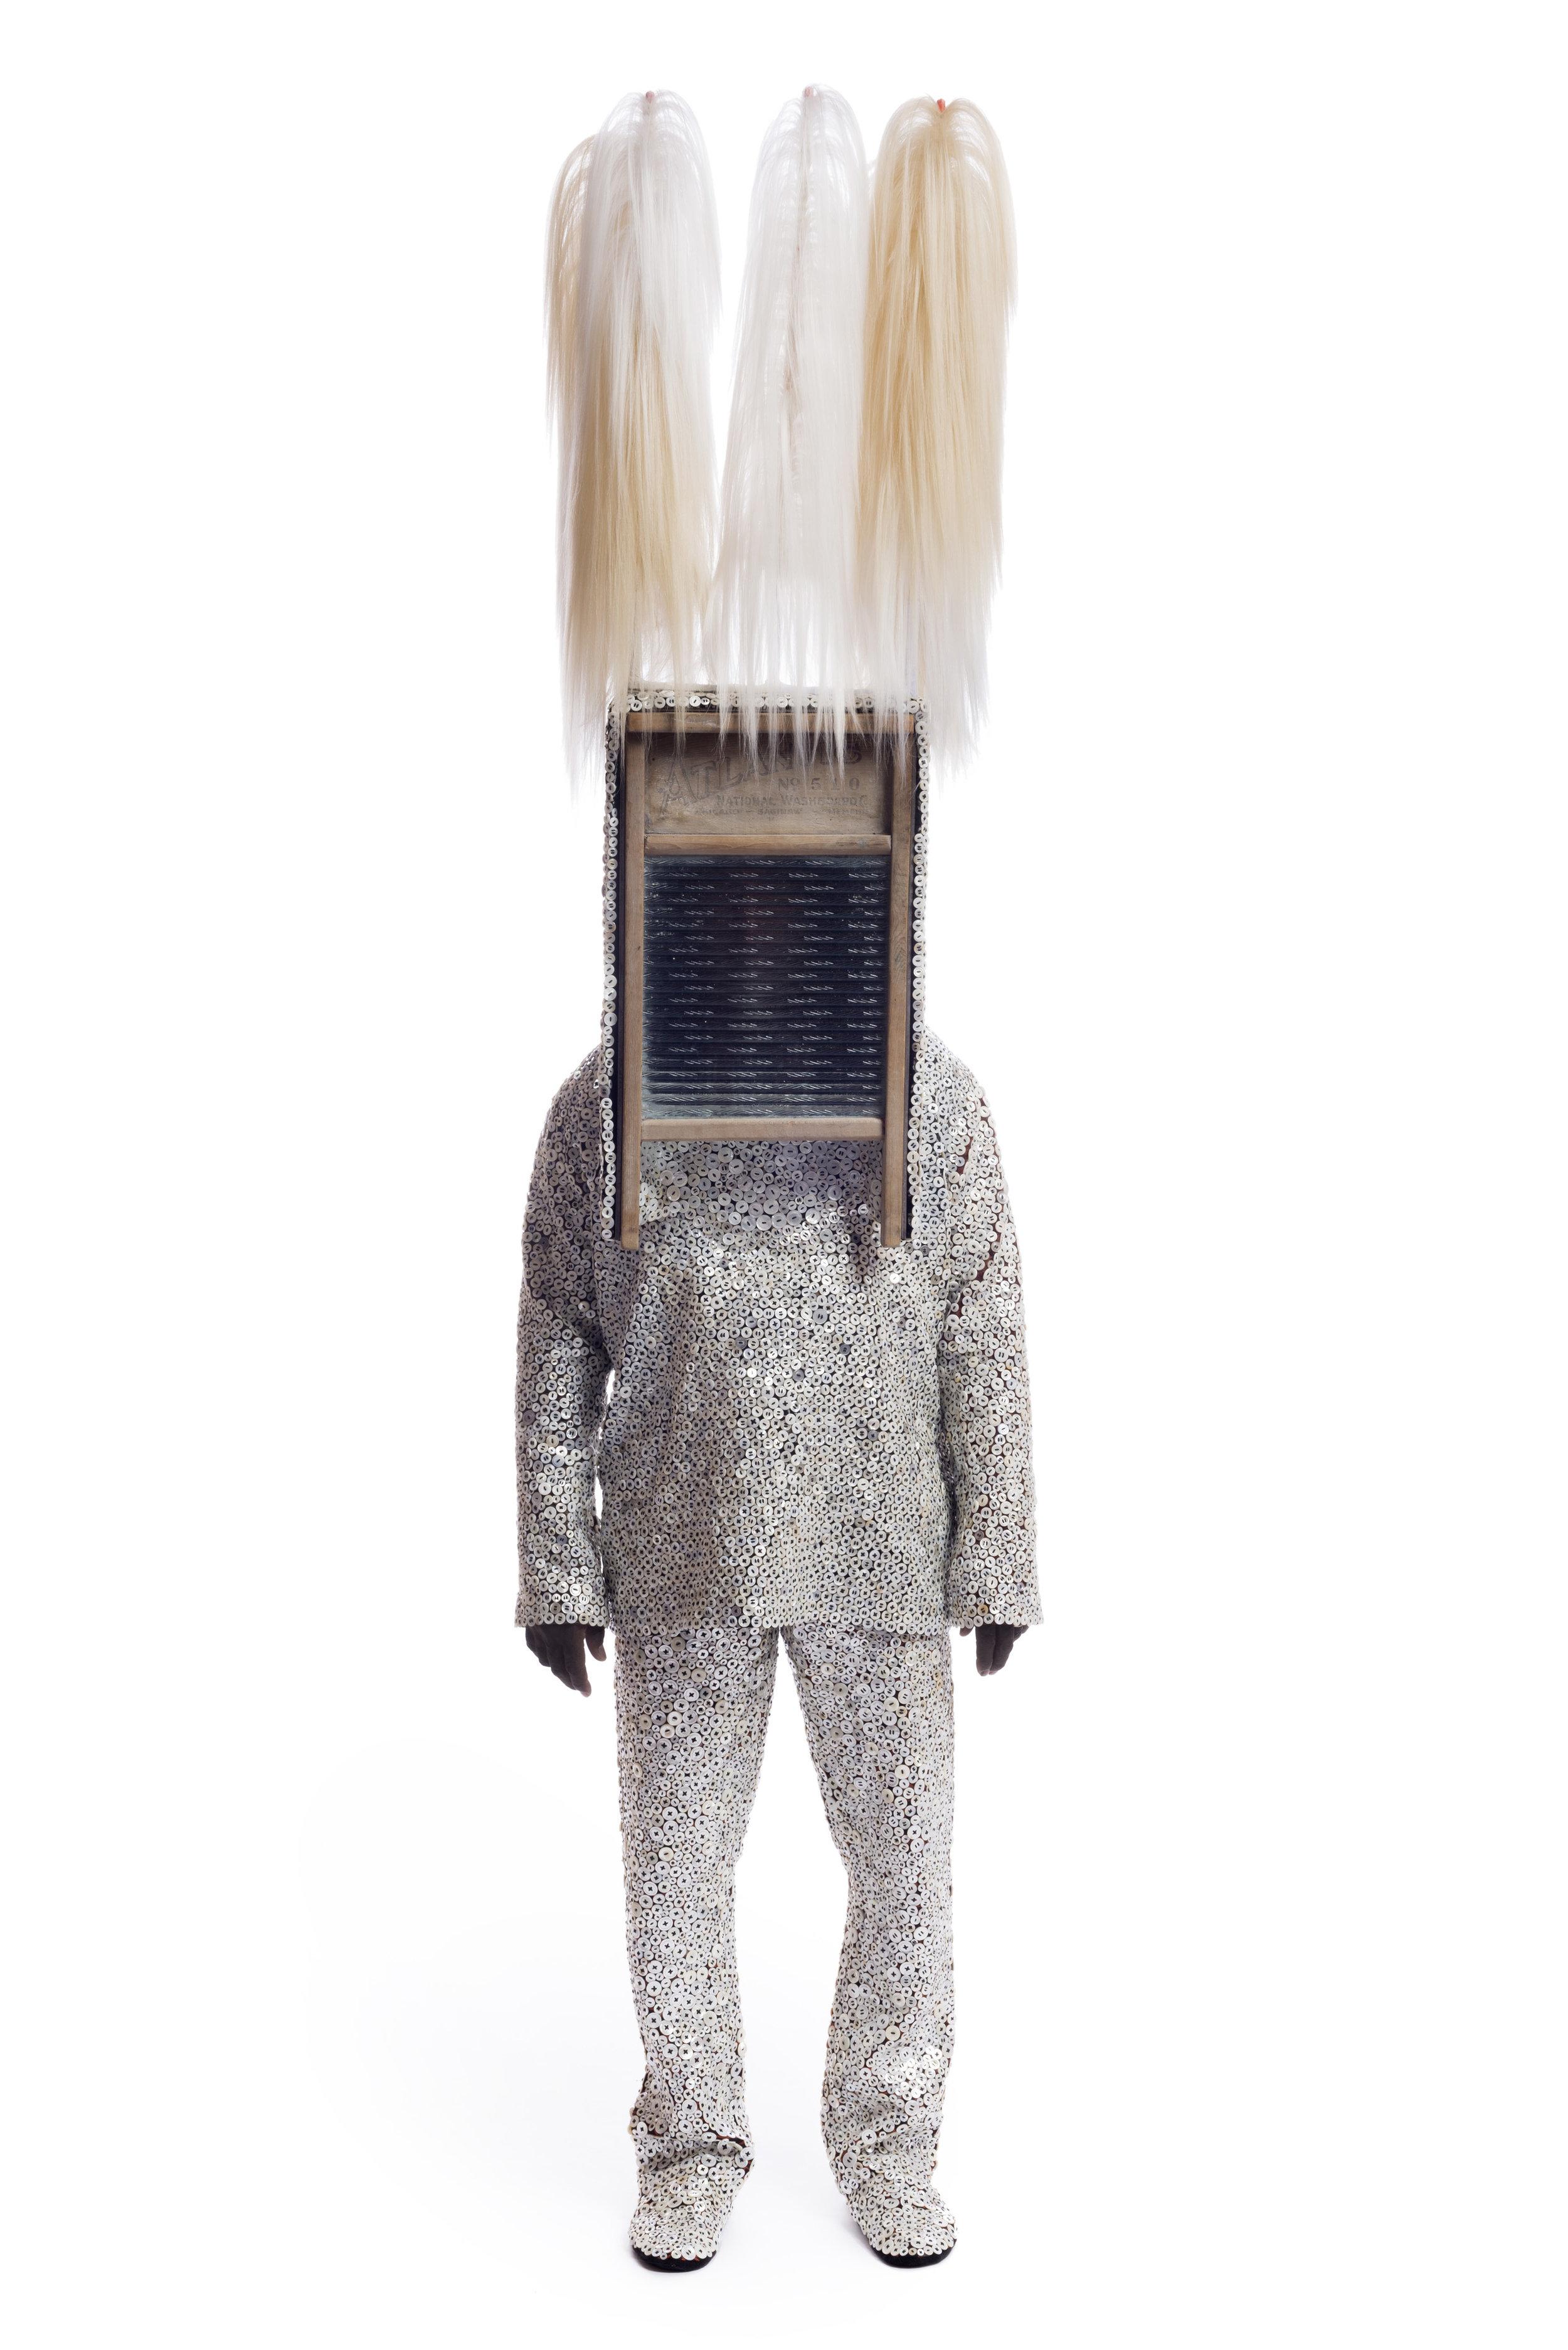 Nick Cave  Soundsuit  (2015). James Prinz photography.